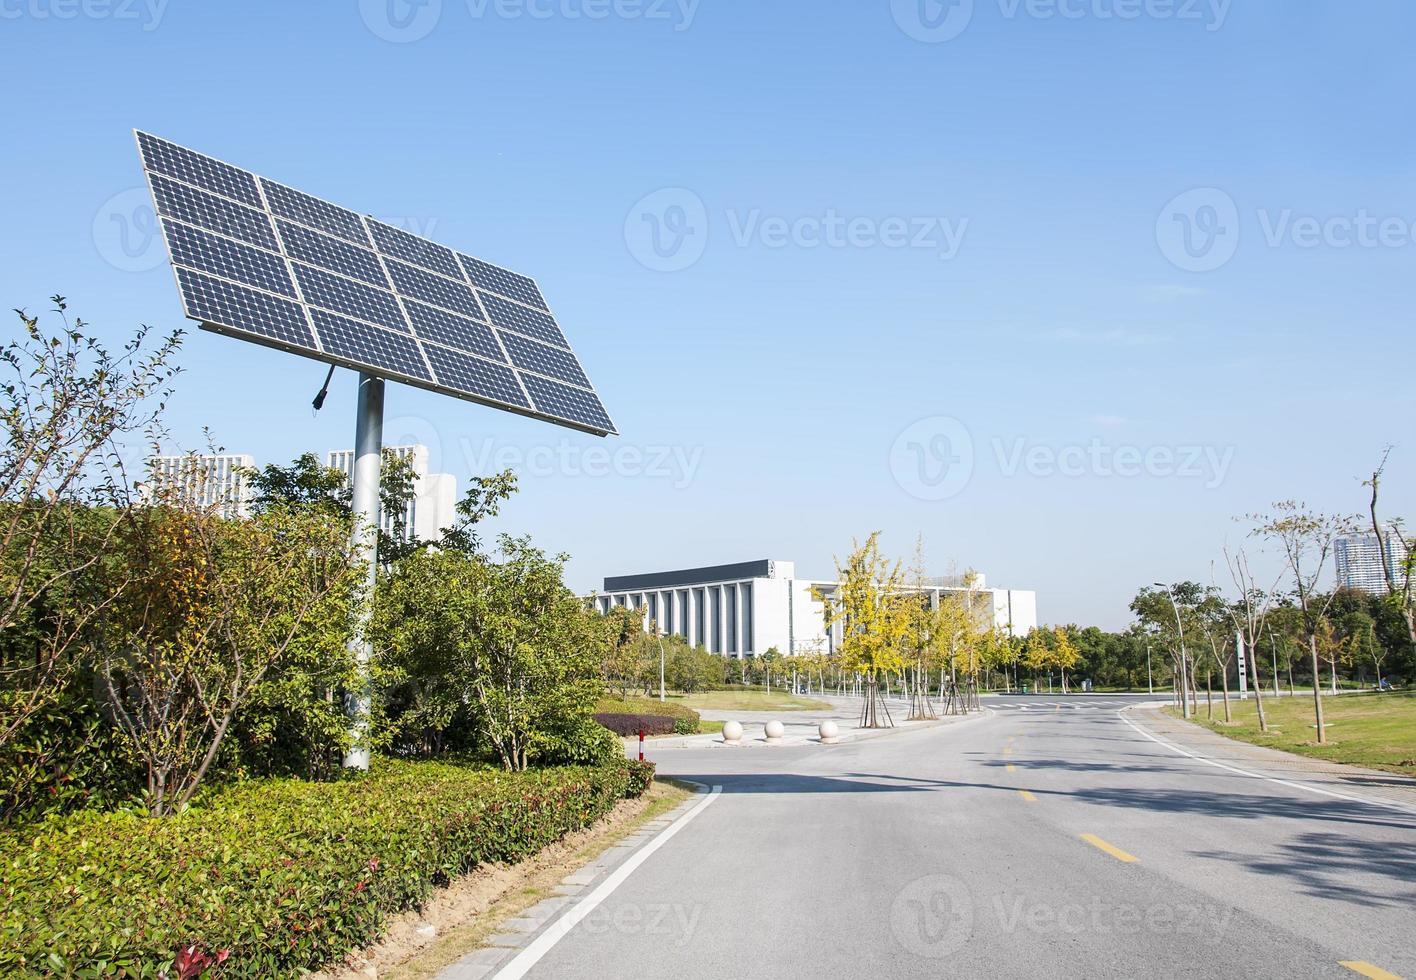 o painel solar produz energia solar verde e ecologicamente correta. foto